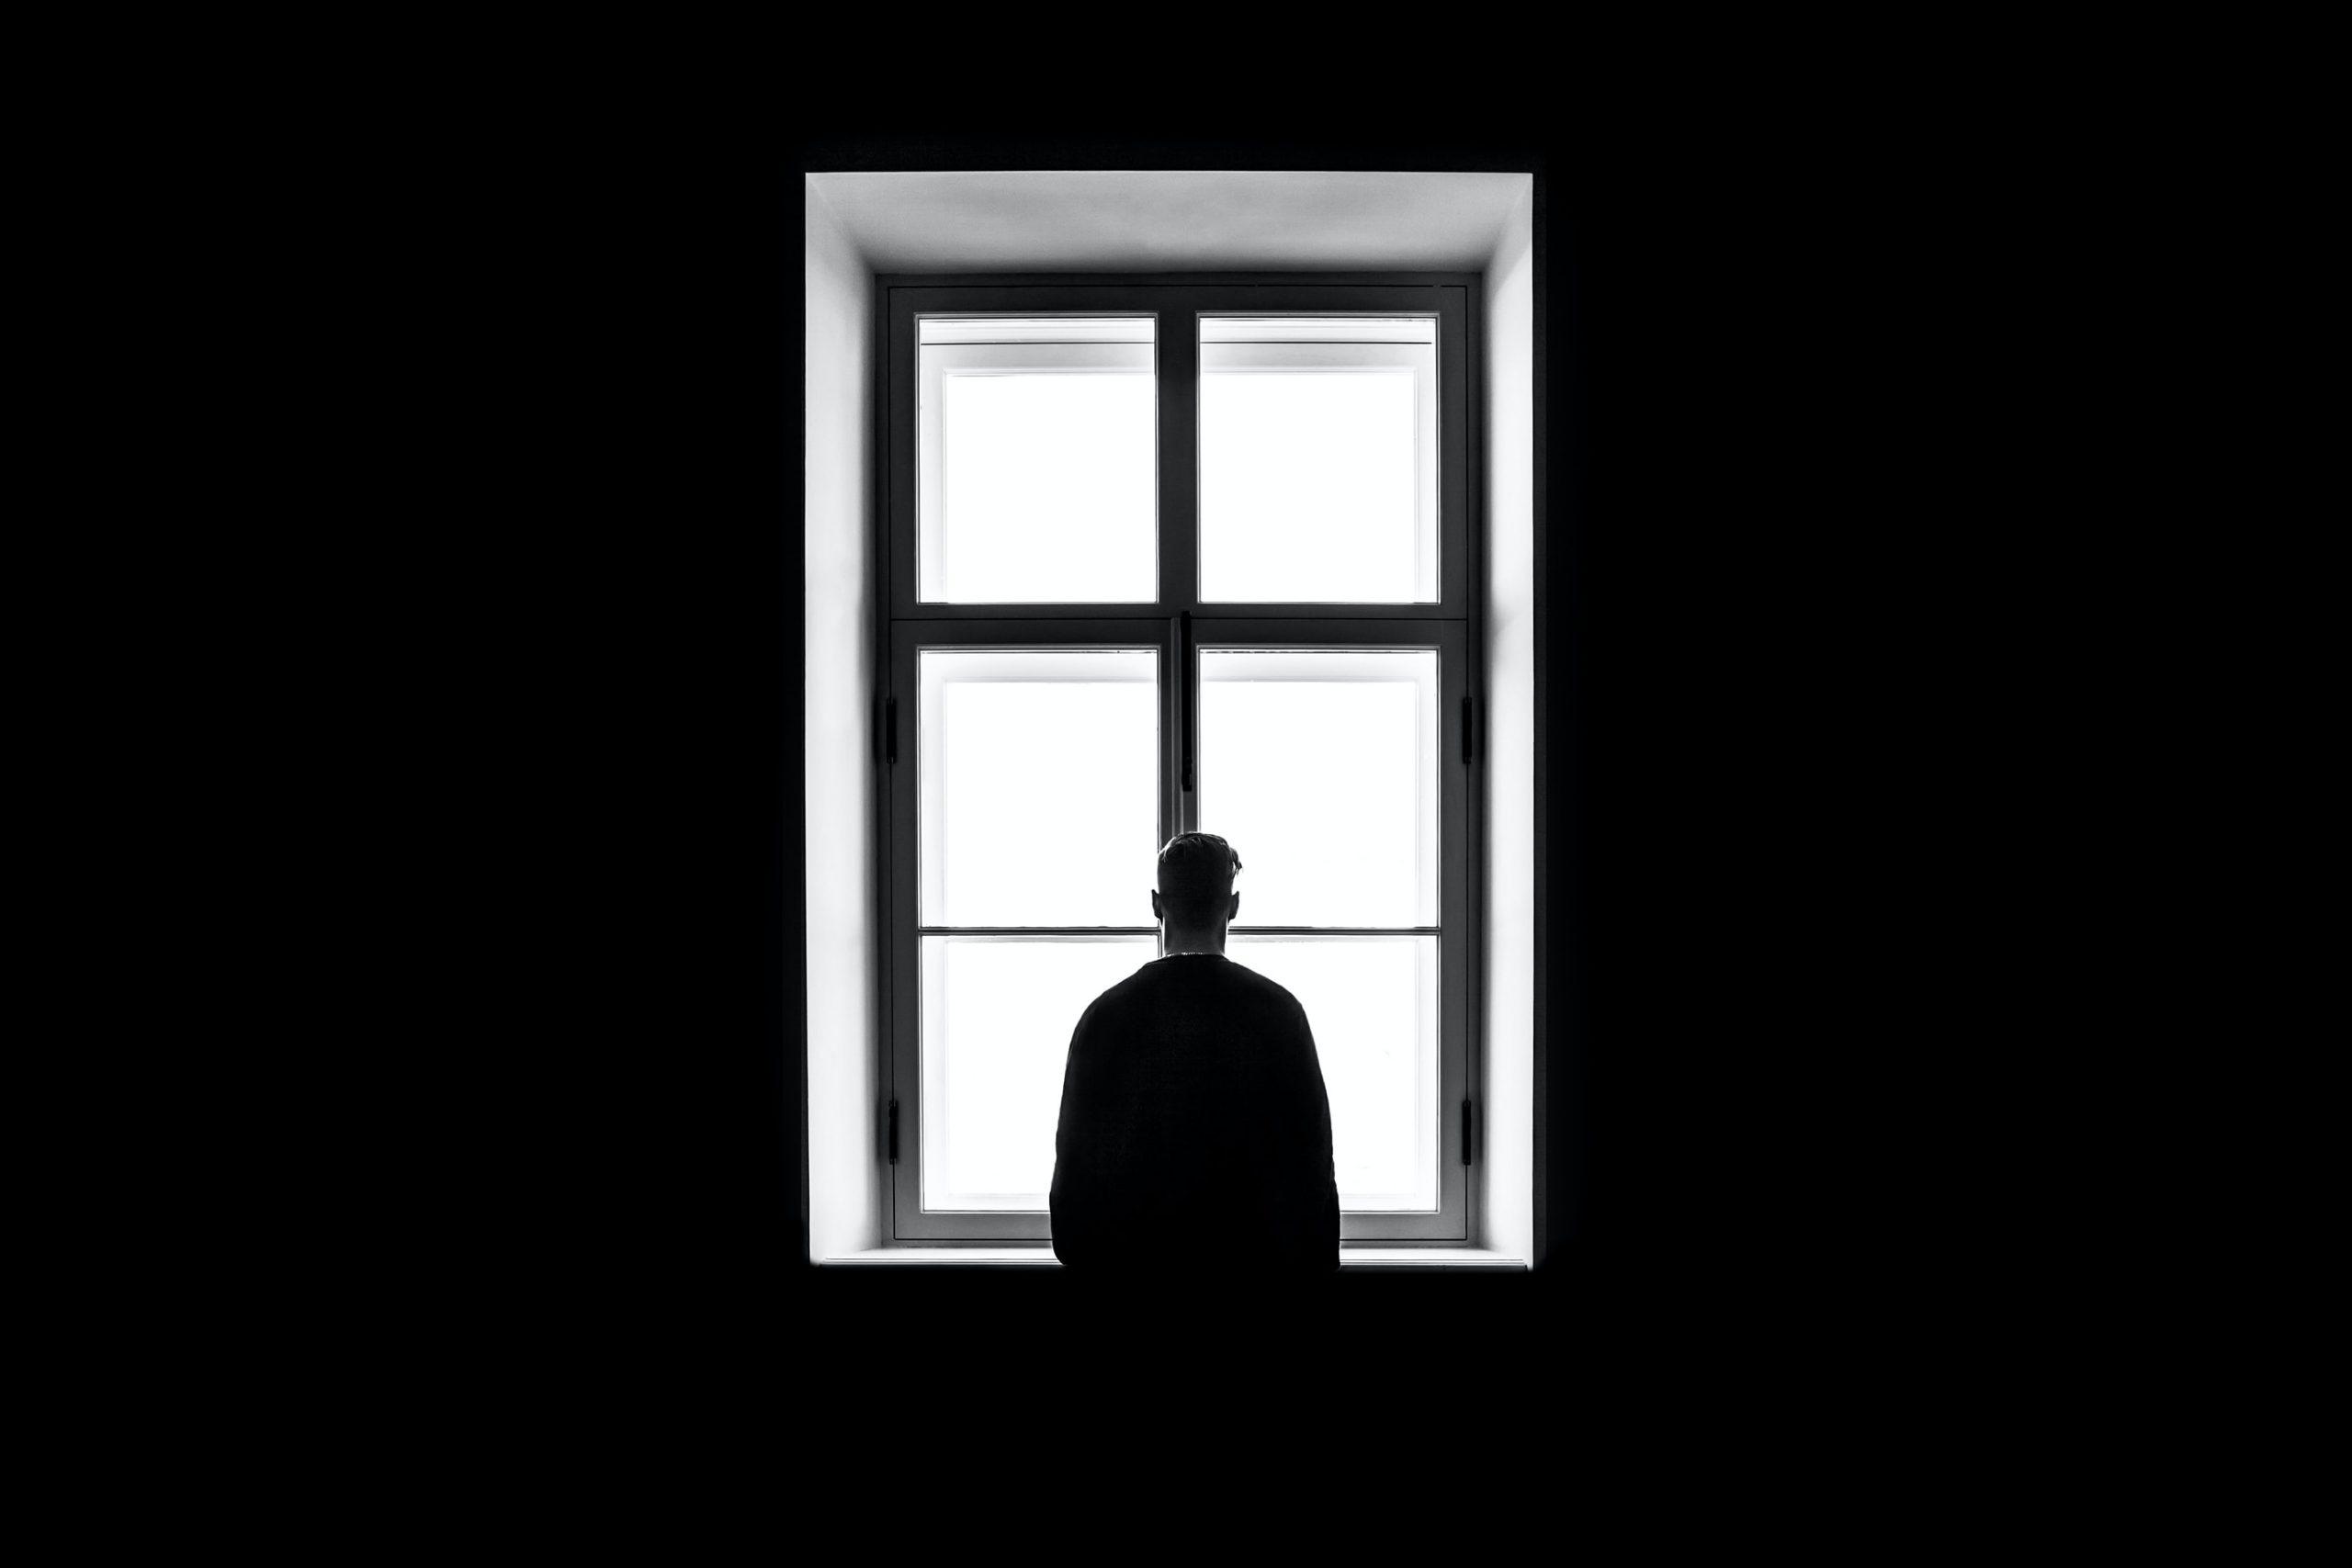 Suicidio: otto casi su dieci riguardano gli uomini